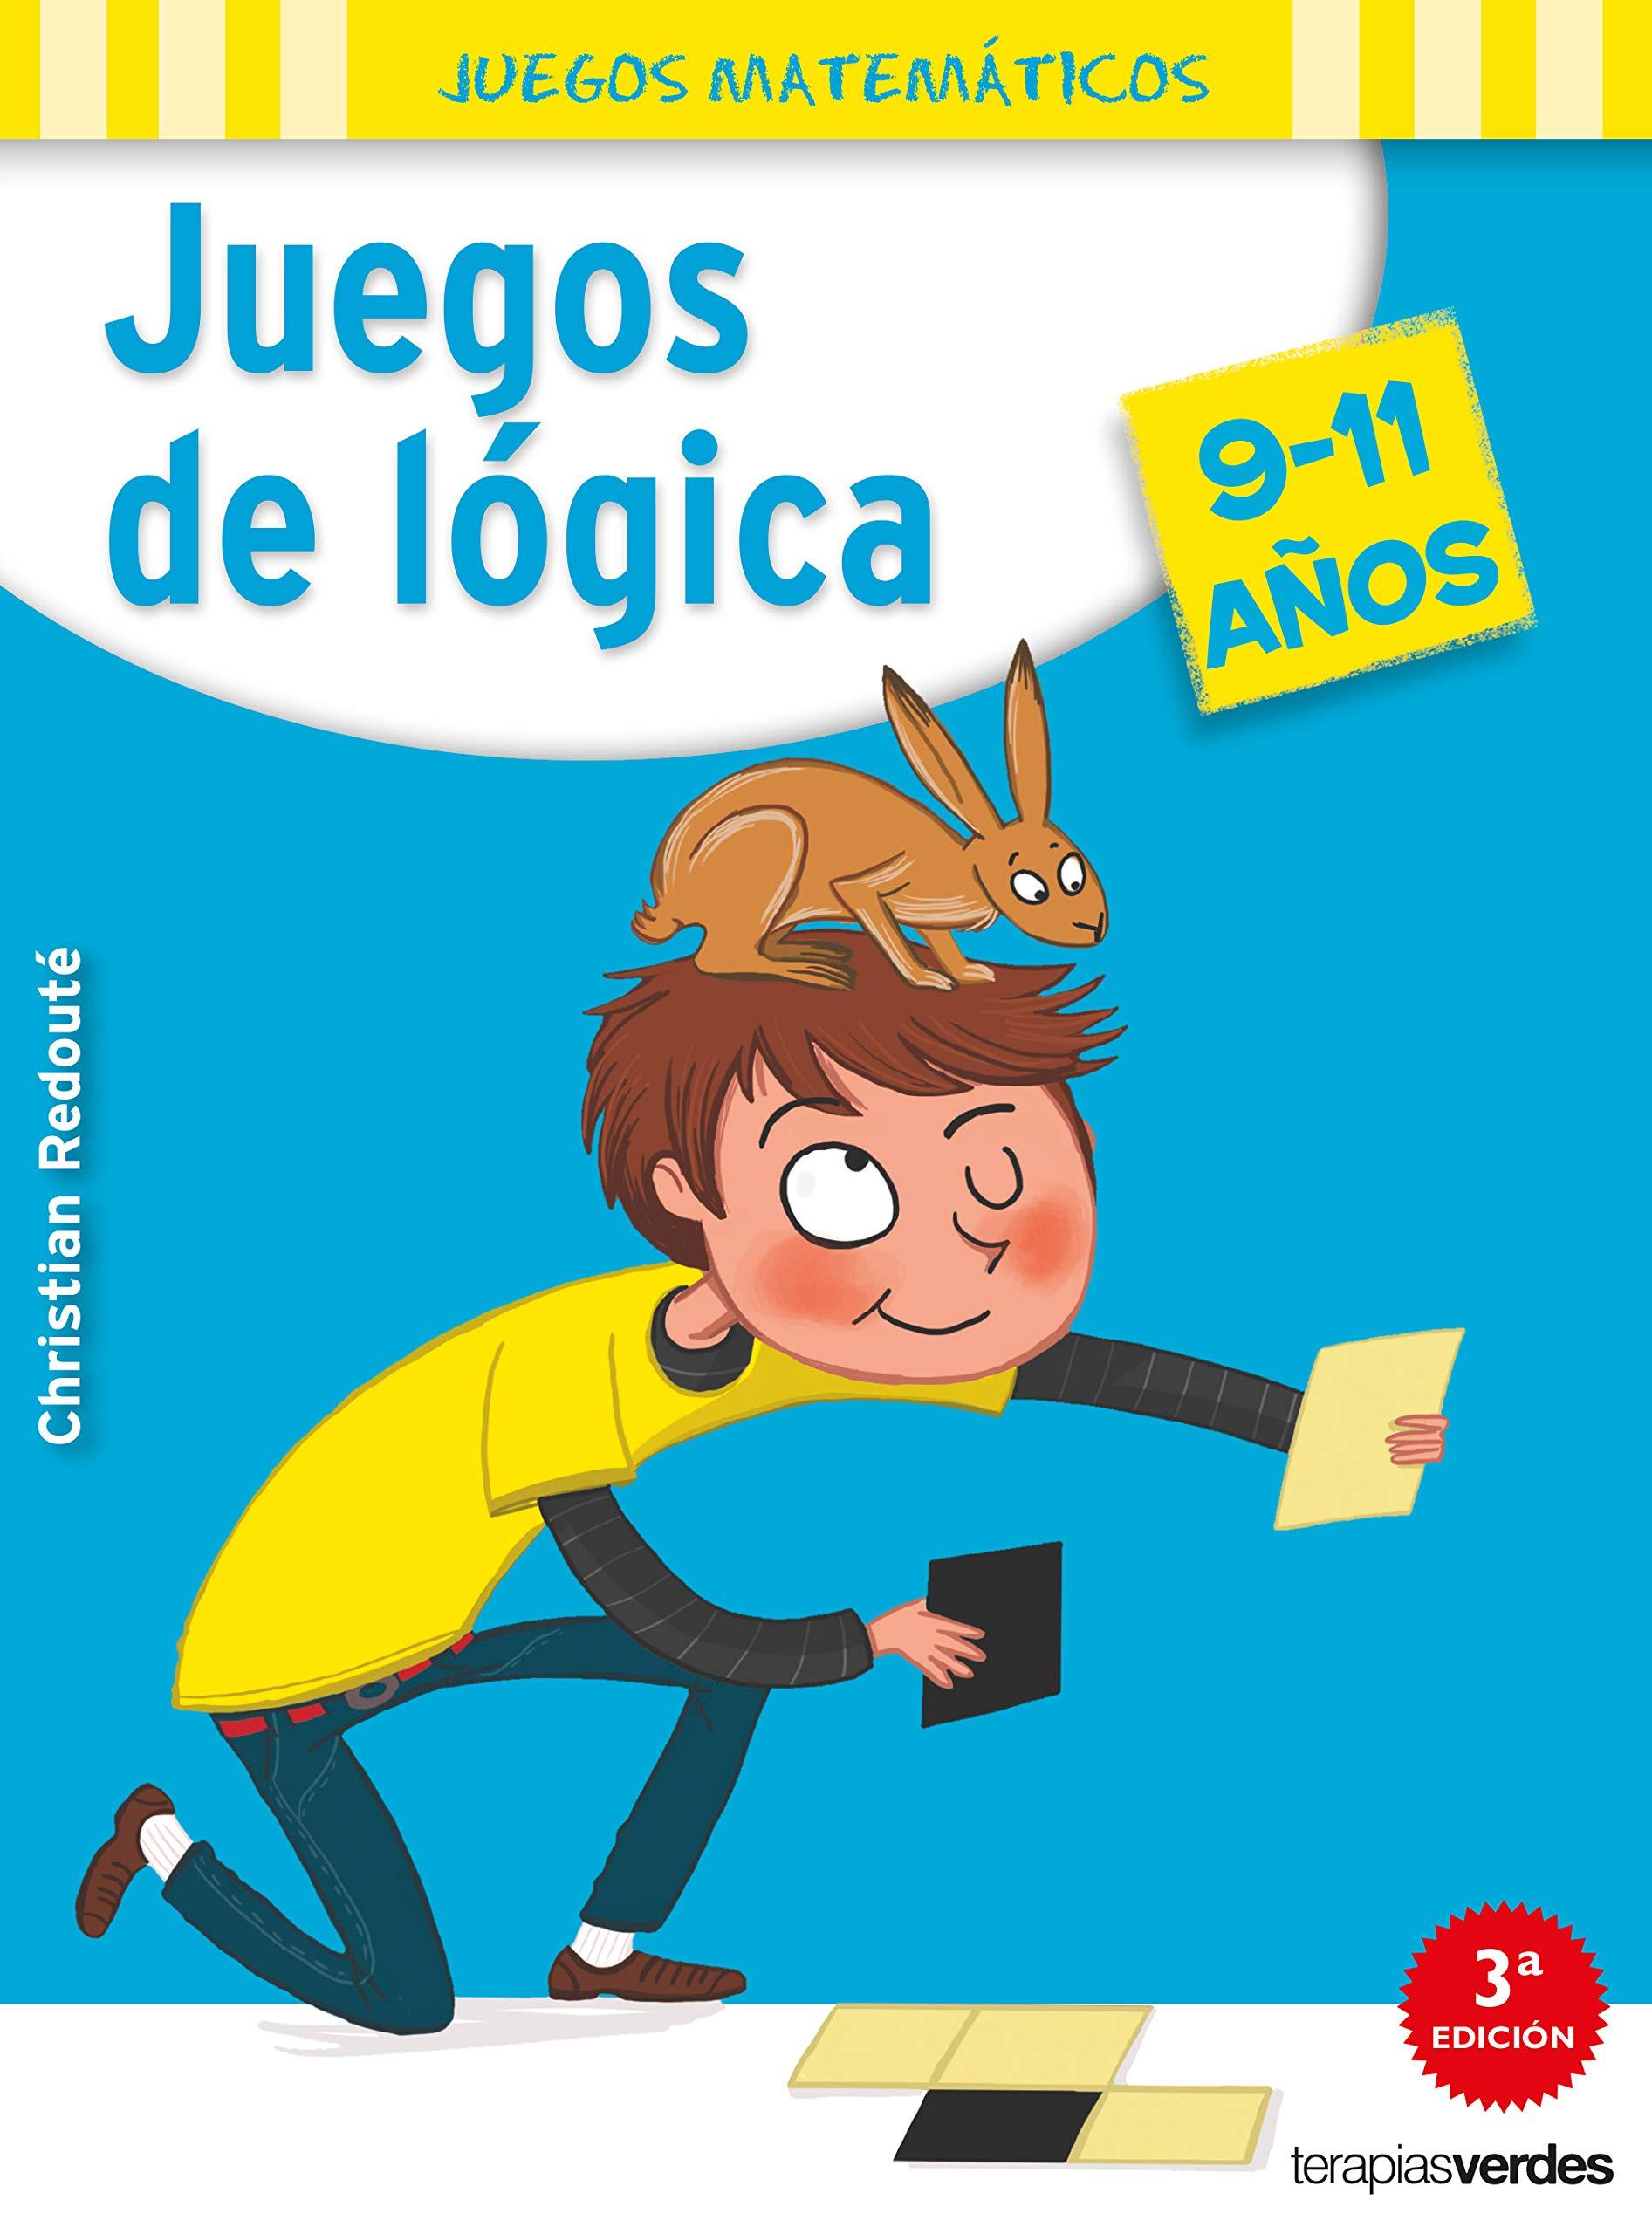 Juegos de lógica 9-11 años Terapias Juegos Didácticos: Amazon.es: CHRISTIAN  REDOUTÉ, Susana Peralta Lugones: Libros